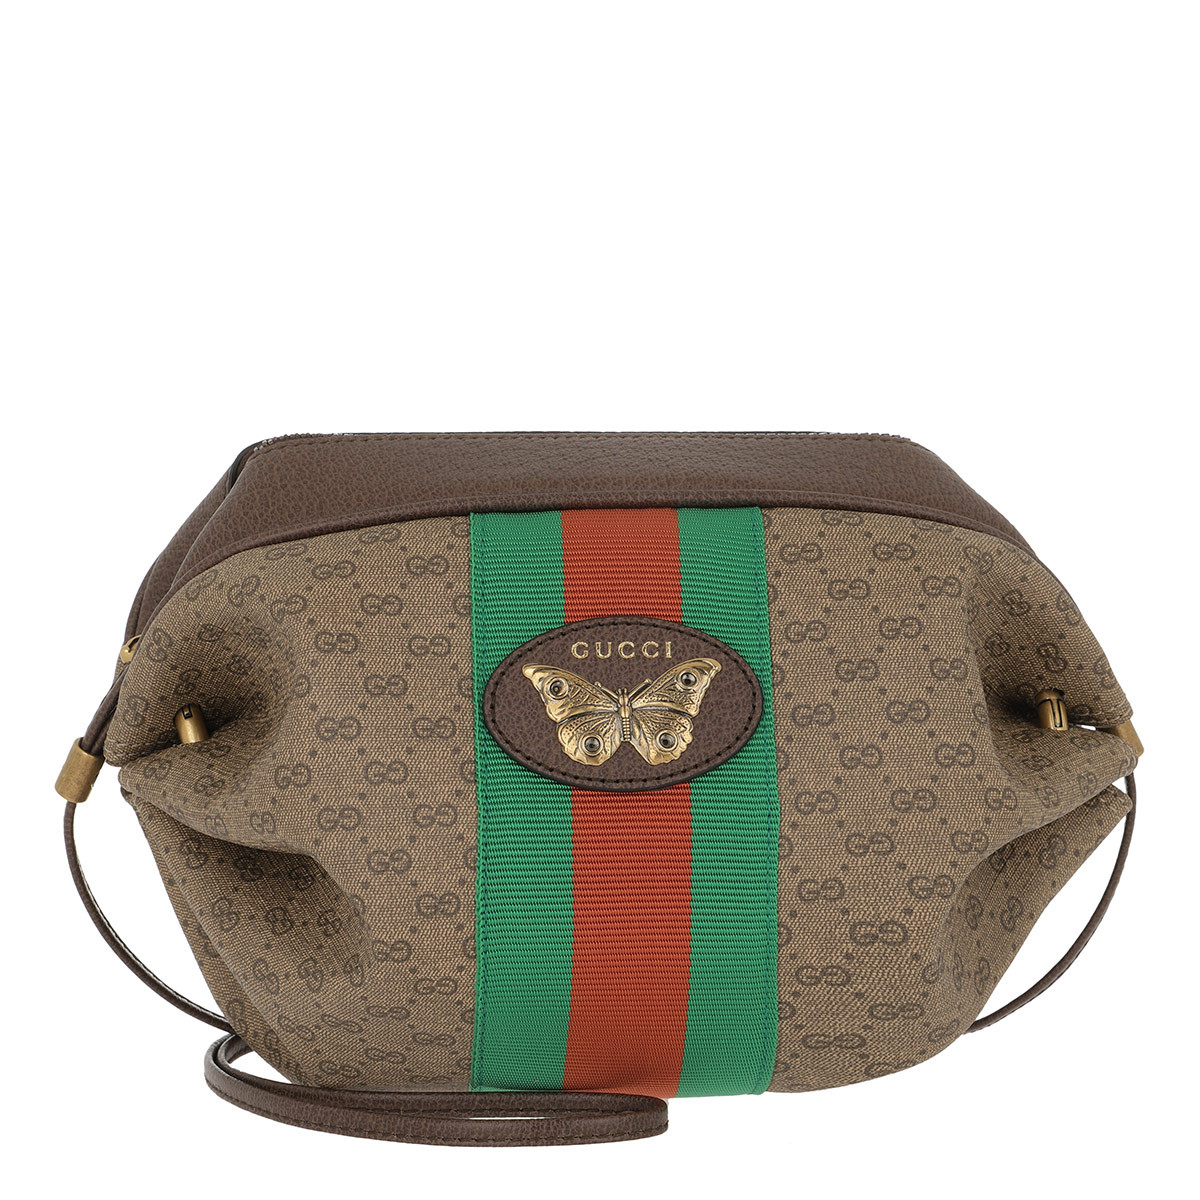 Gucci Umhängetasche - GG Mini Bag Web Butterfly Beige/Ebony - in beige - für Damen